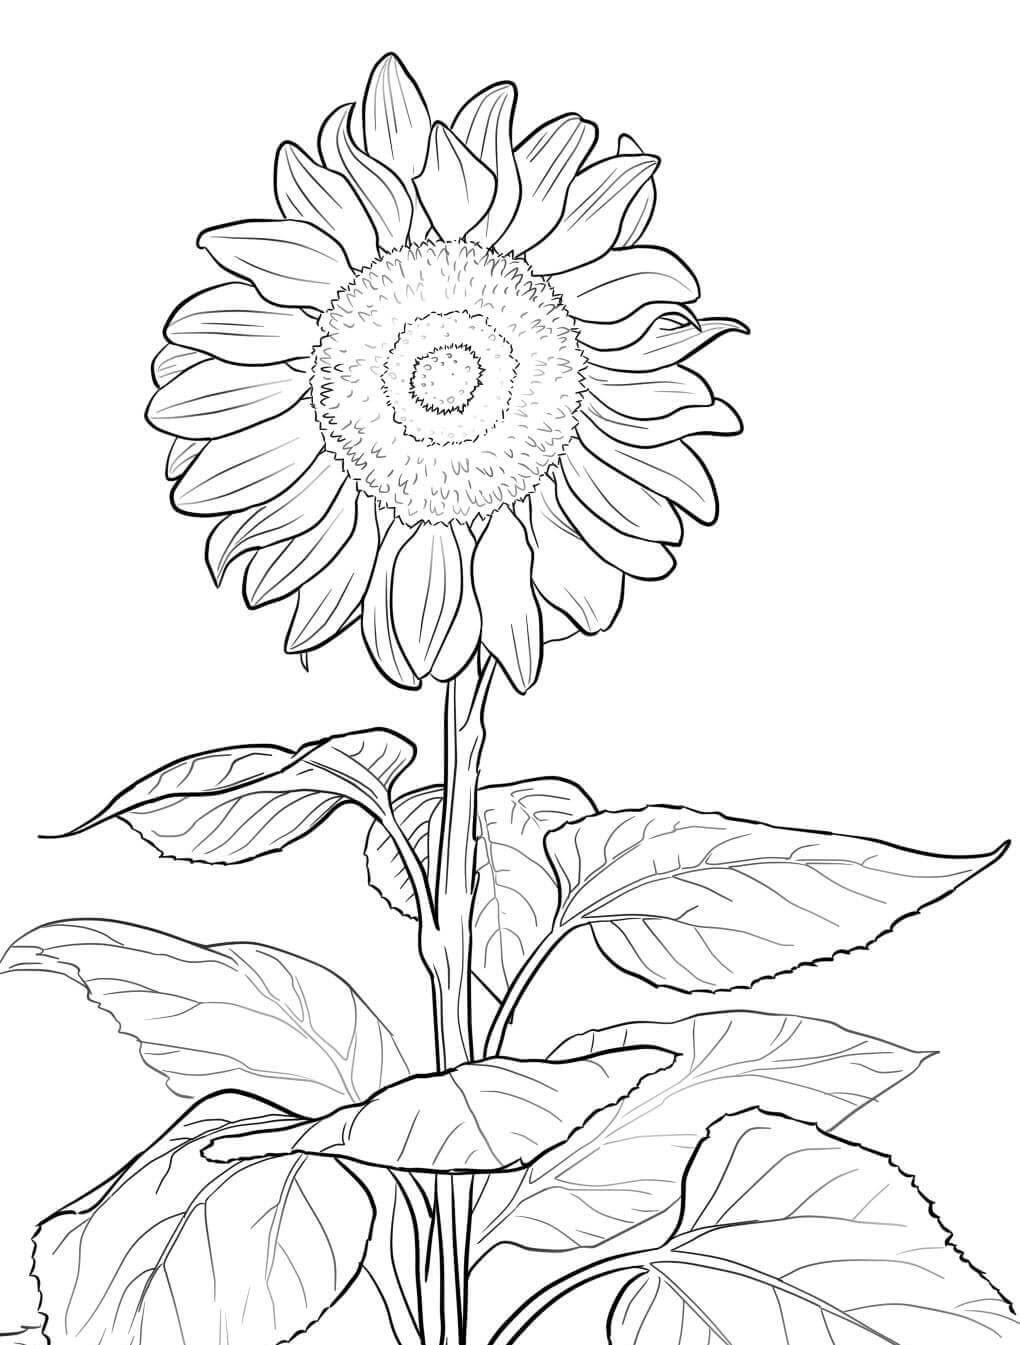 Tranh tô màu hoa hướng dương dễ thương